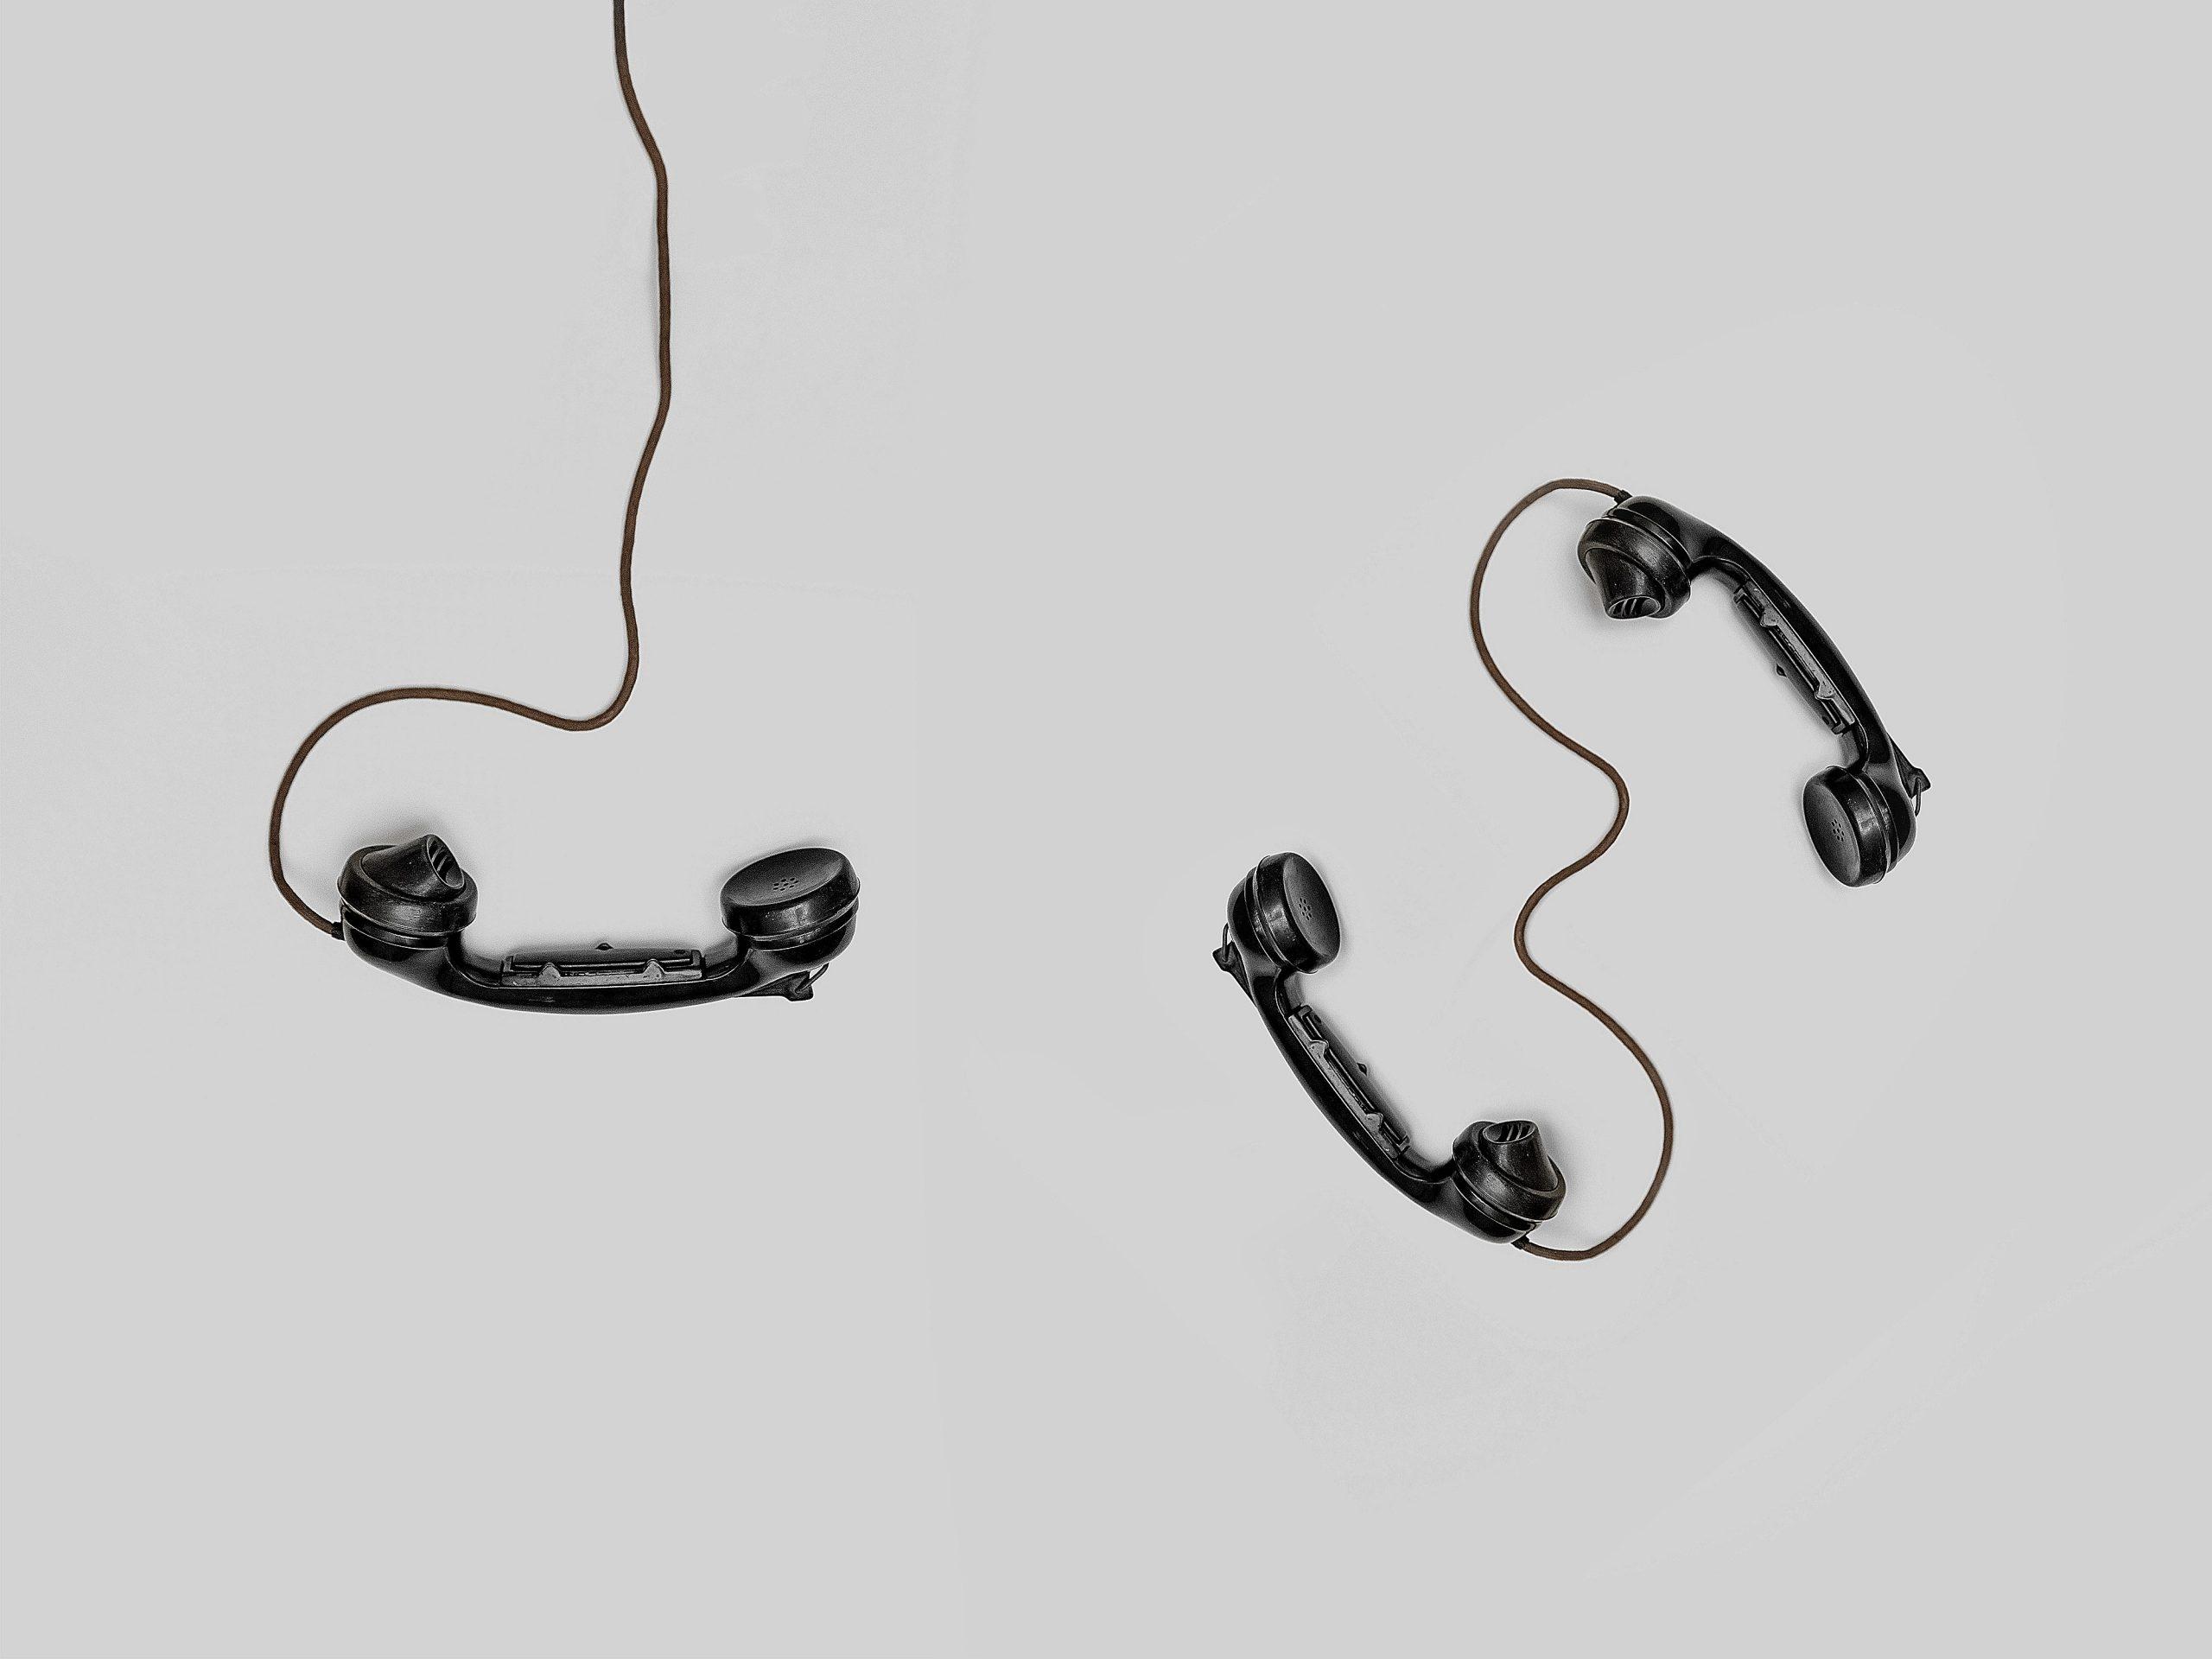 telefony - pozadí pro stránku kontakt